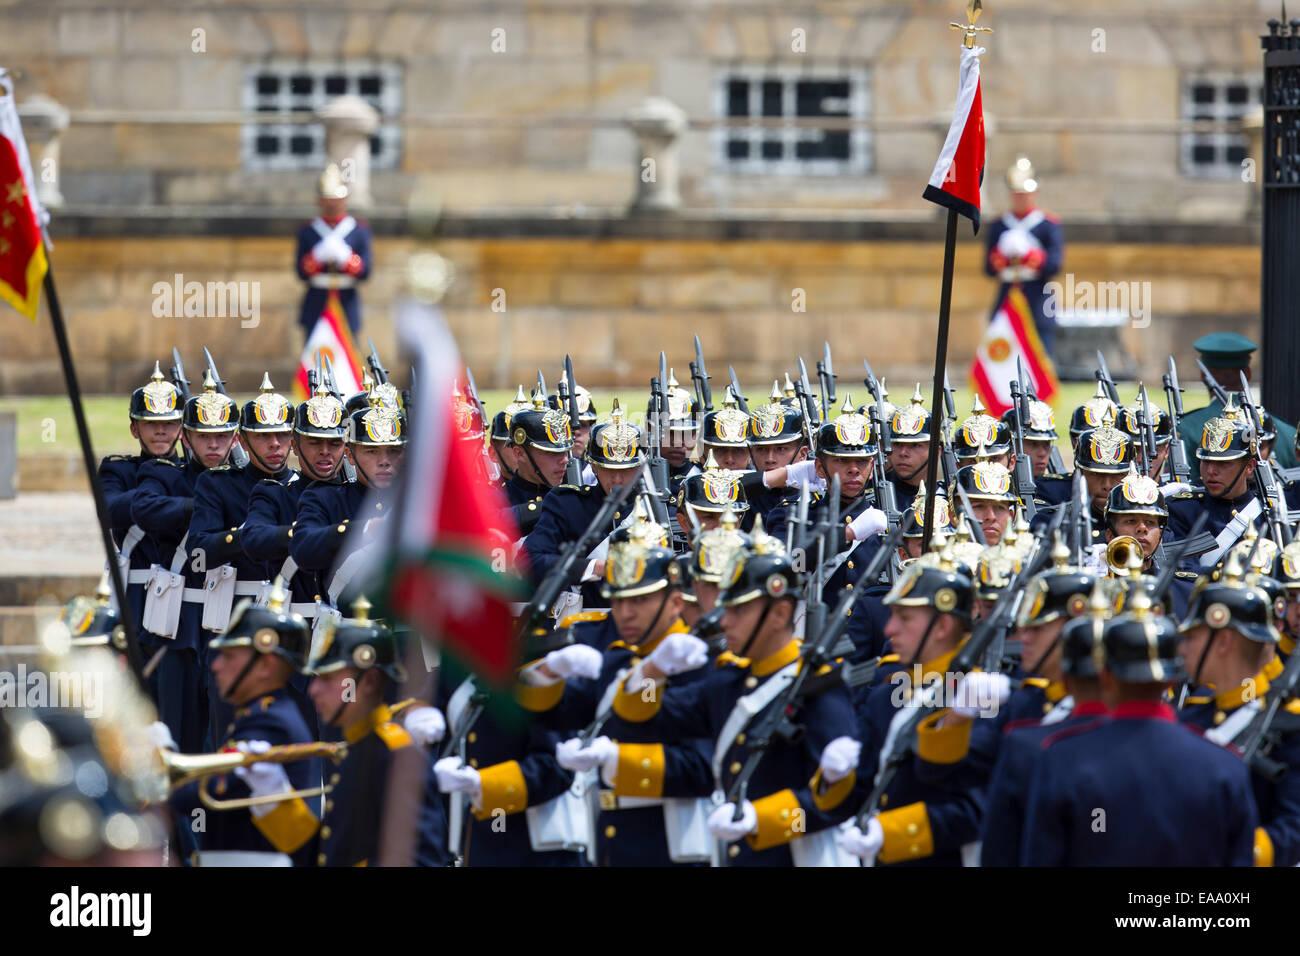 La garde présidentielle de cérémonie sur le défilé à la Présidents Palace à Photo Stock